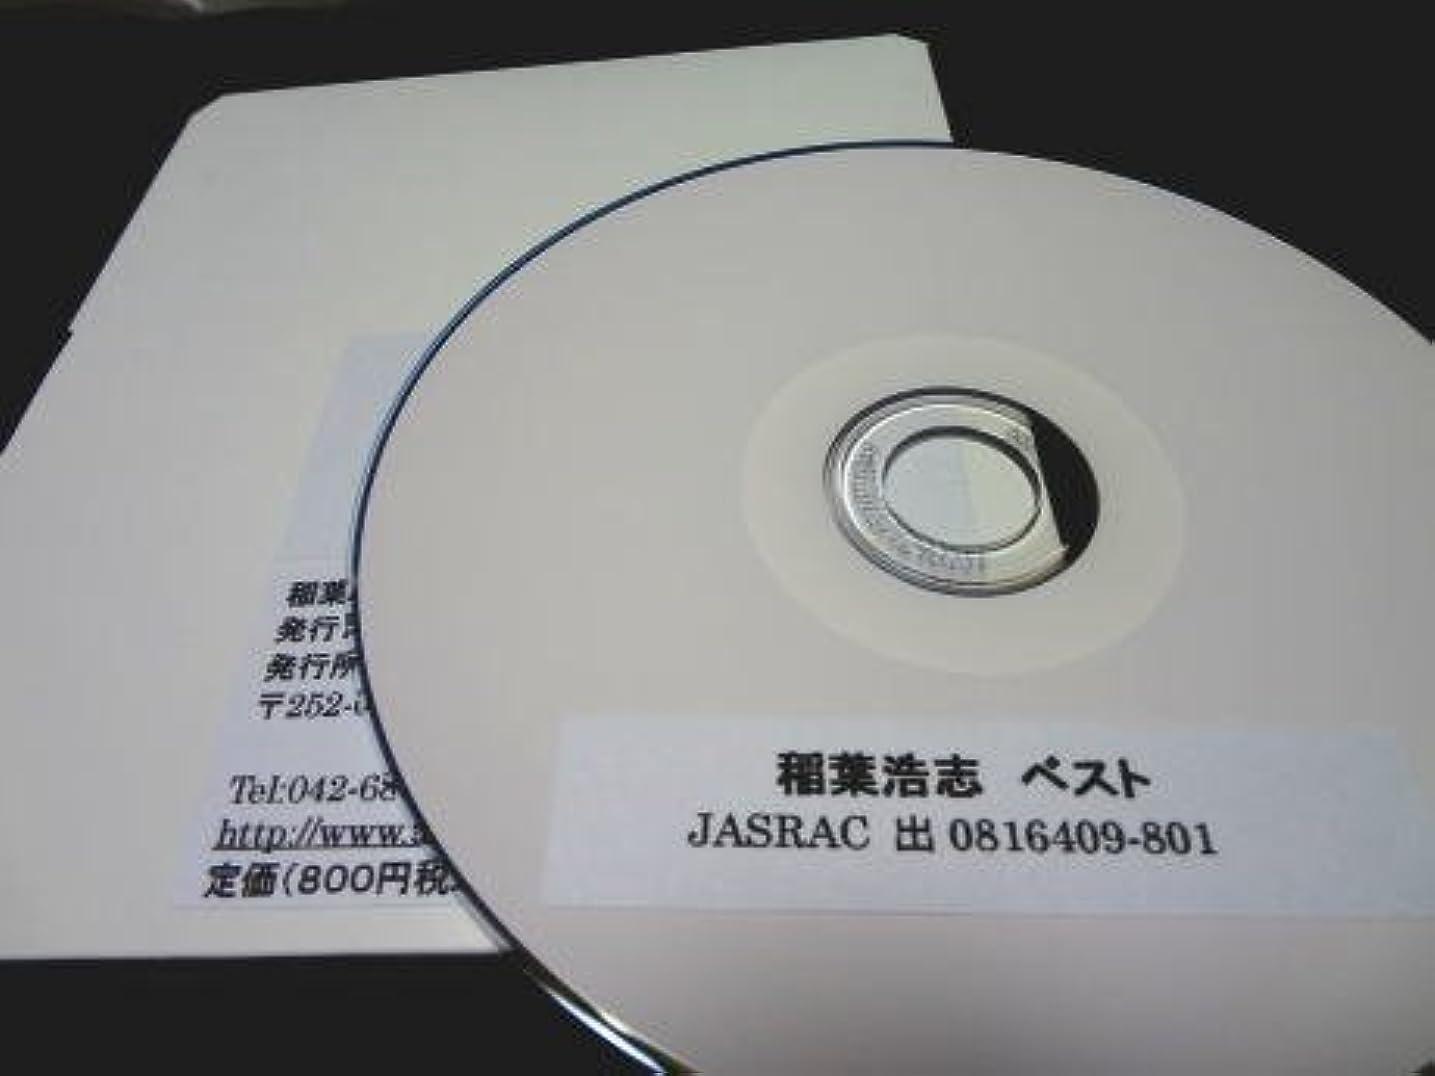 ギターコード譜シリーズ(CD-R版)/稲葉浩志 ベスト(全44曲収録)